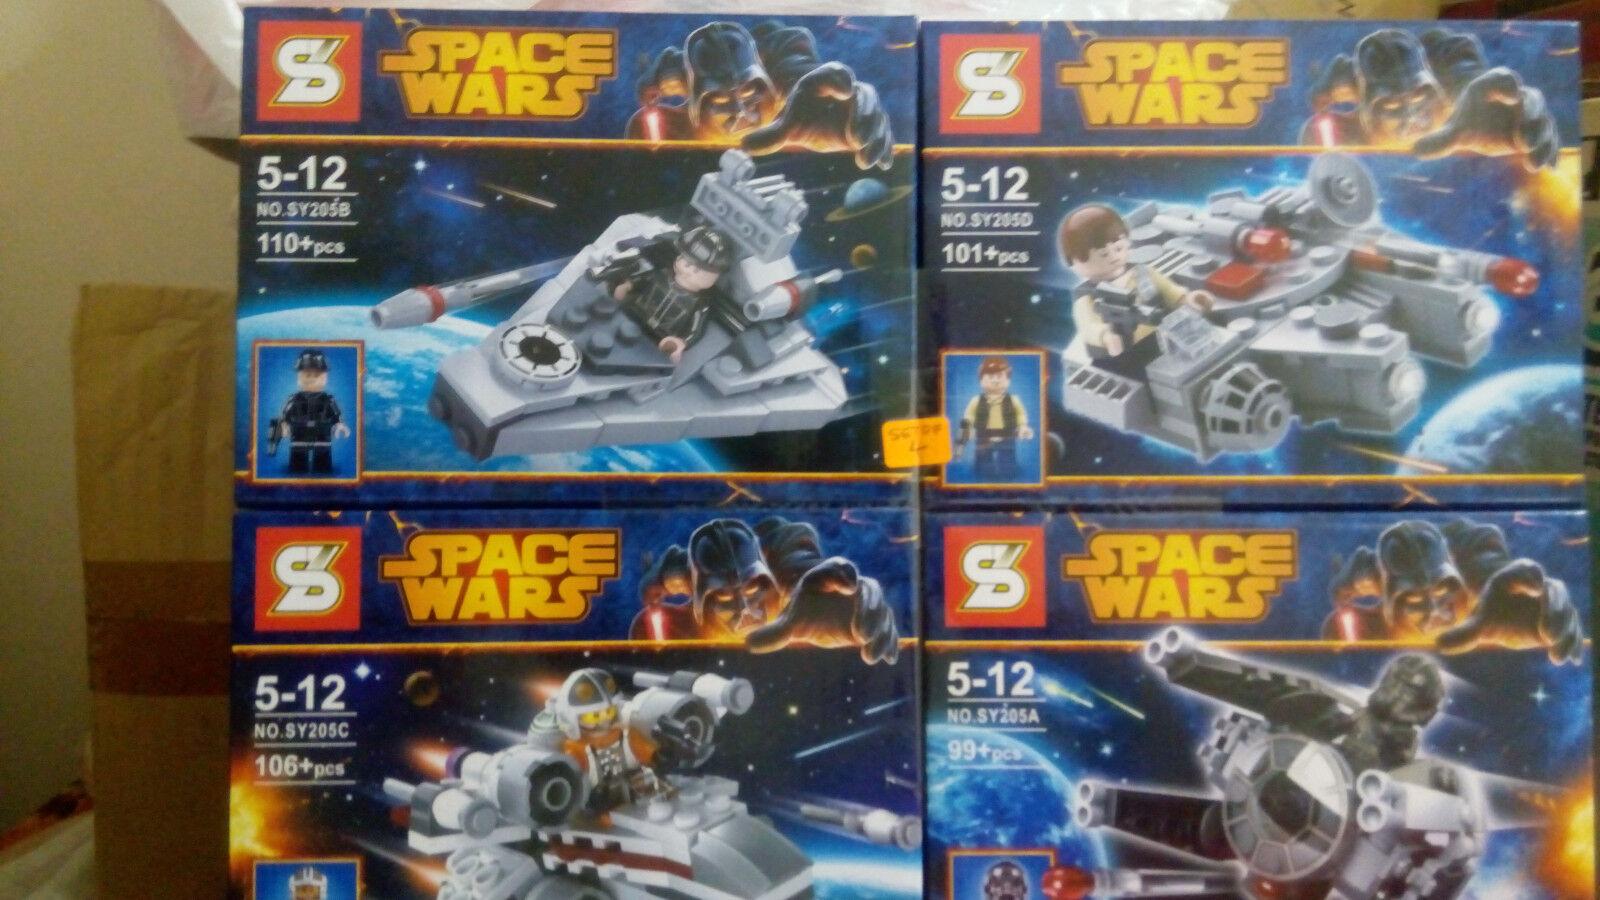 Star wars Space Wars 4 Set Microfighters vaisseau spatial, démarrageleg Minifigures.